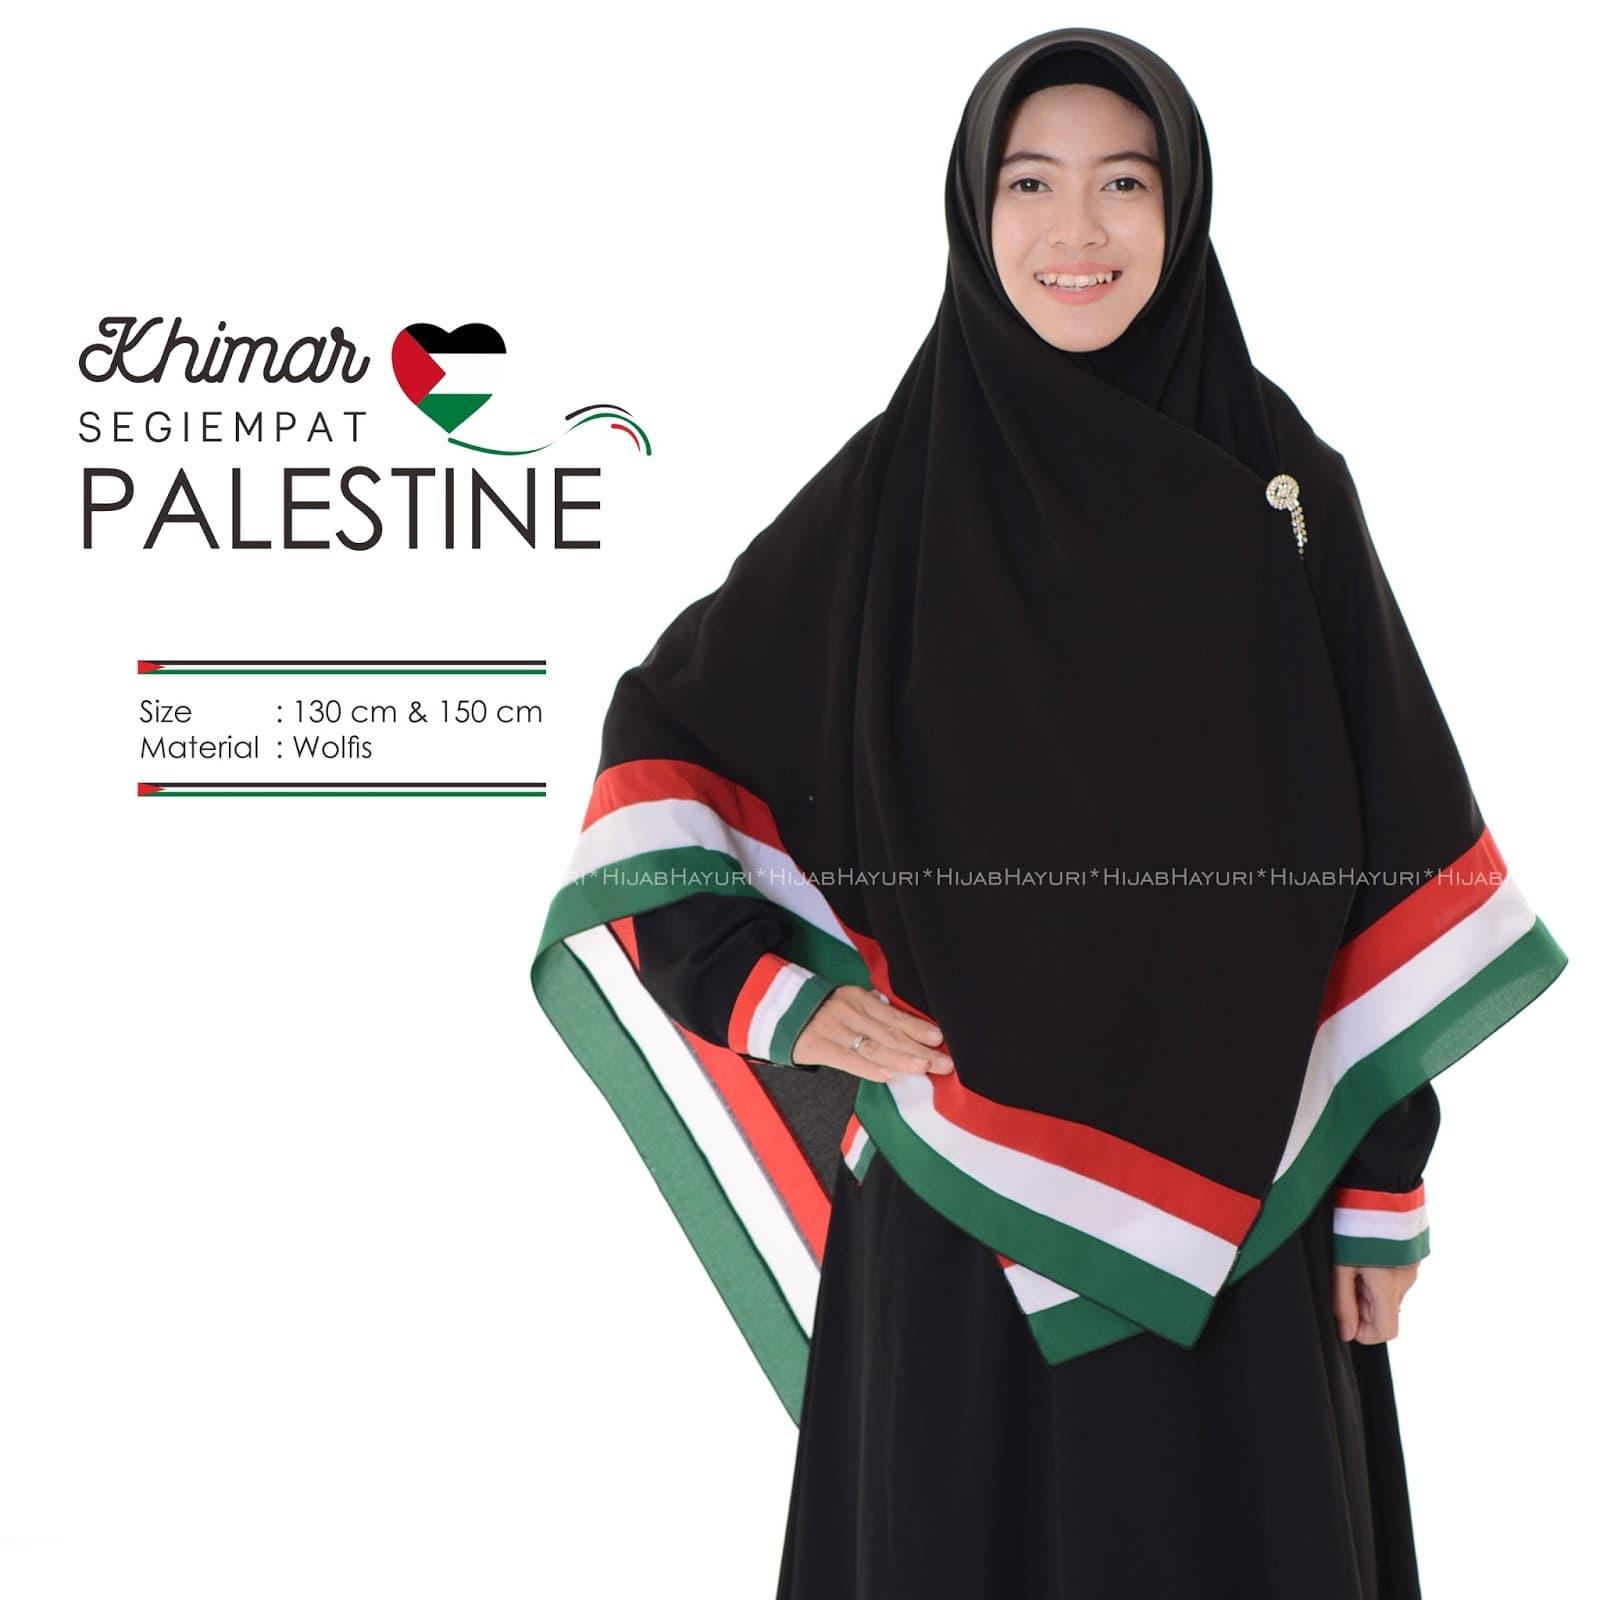 Jual Kerudung palestina 130x130 jilbab jumbo khimar palestina syar'i - assyifafashionshop | Tokopedia